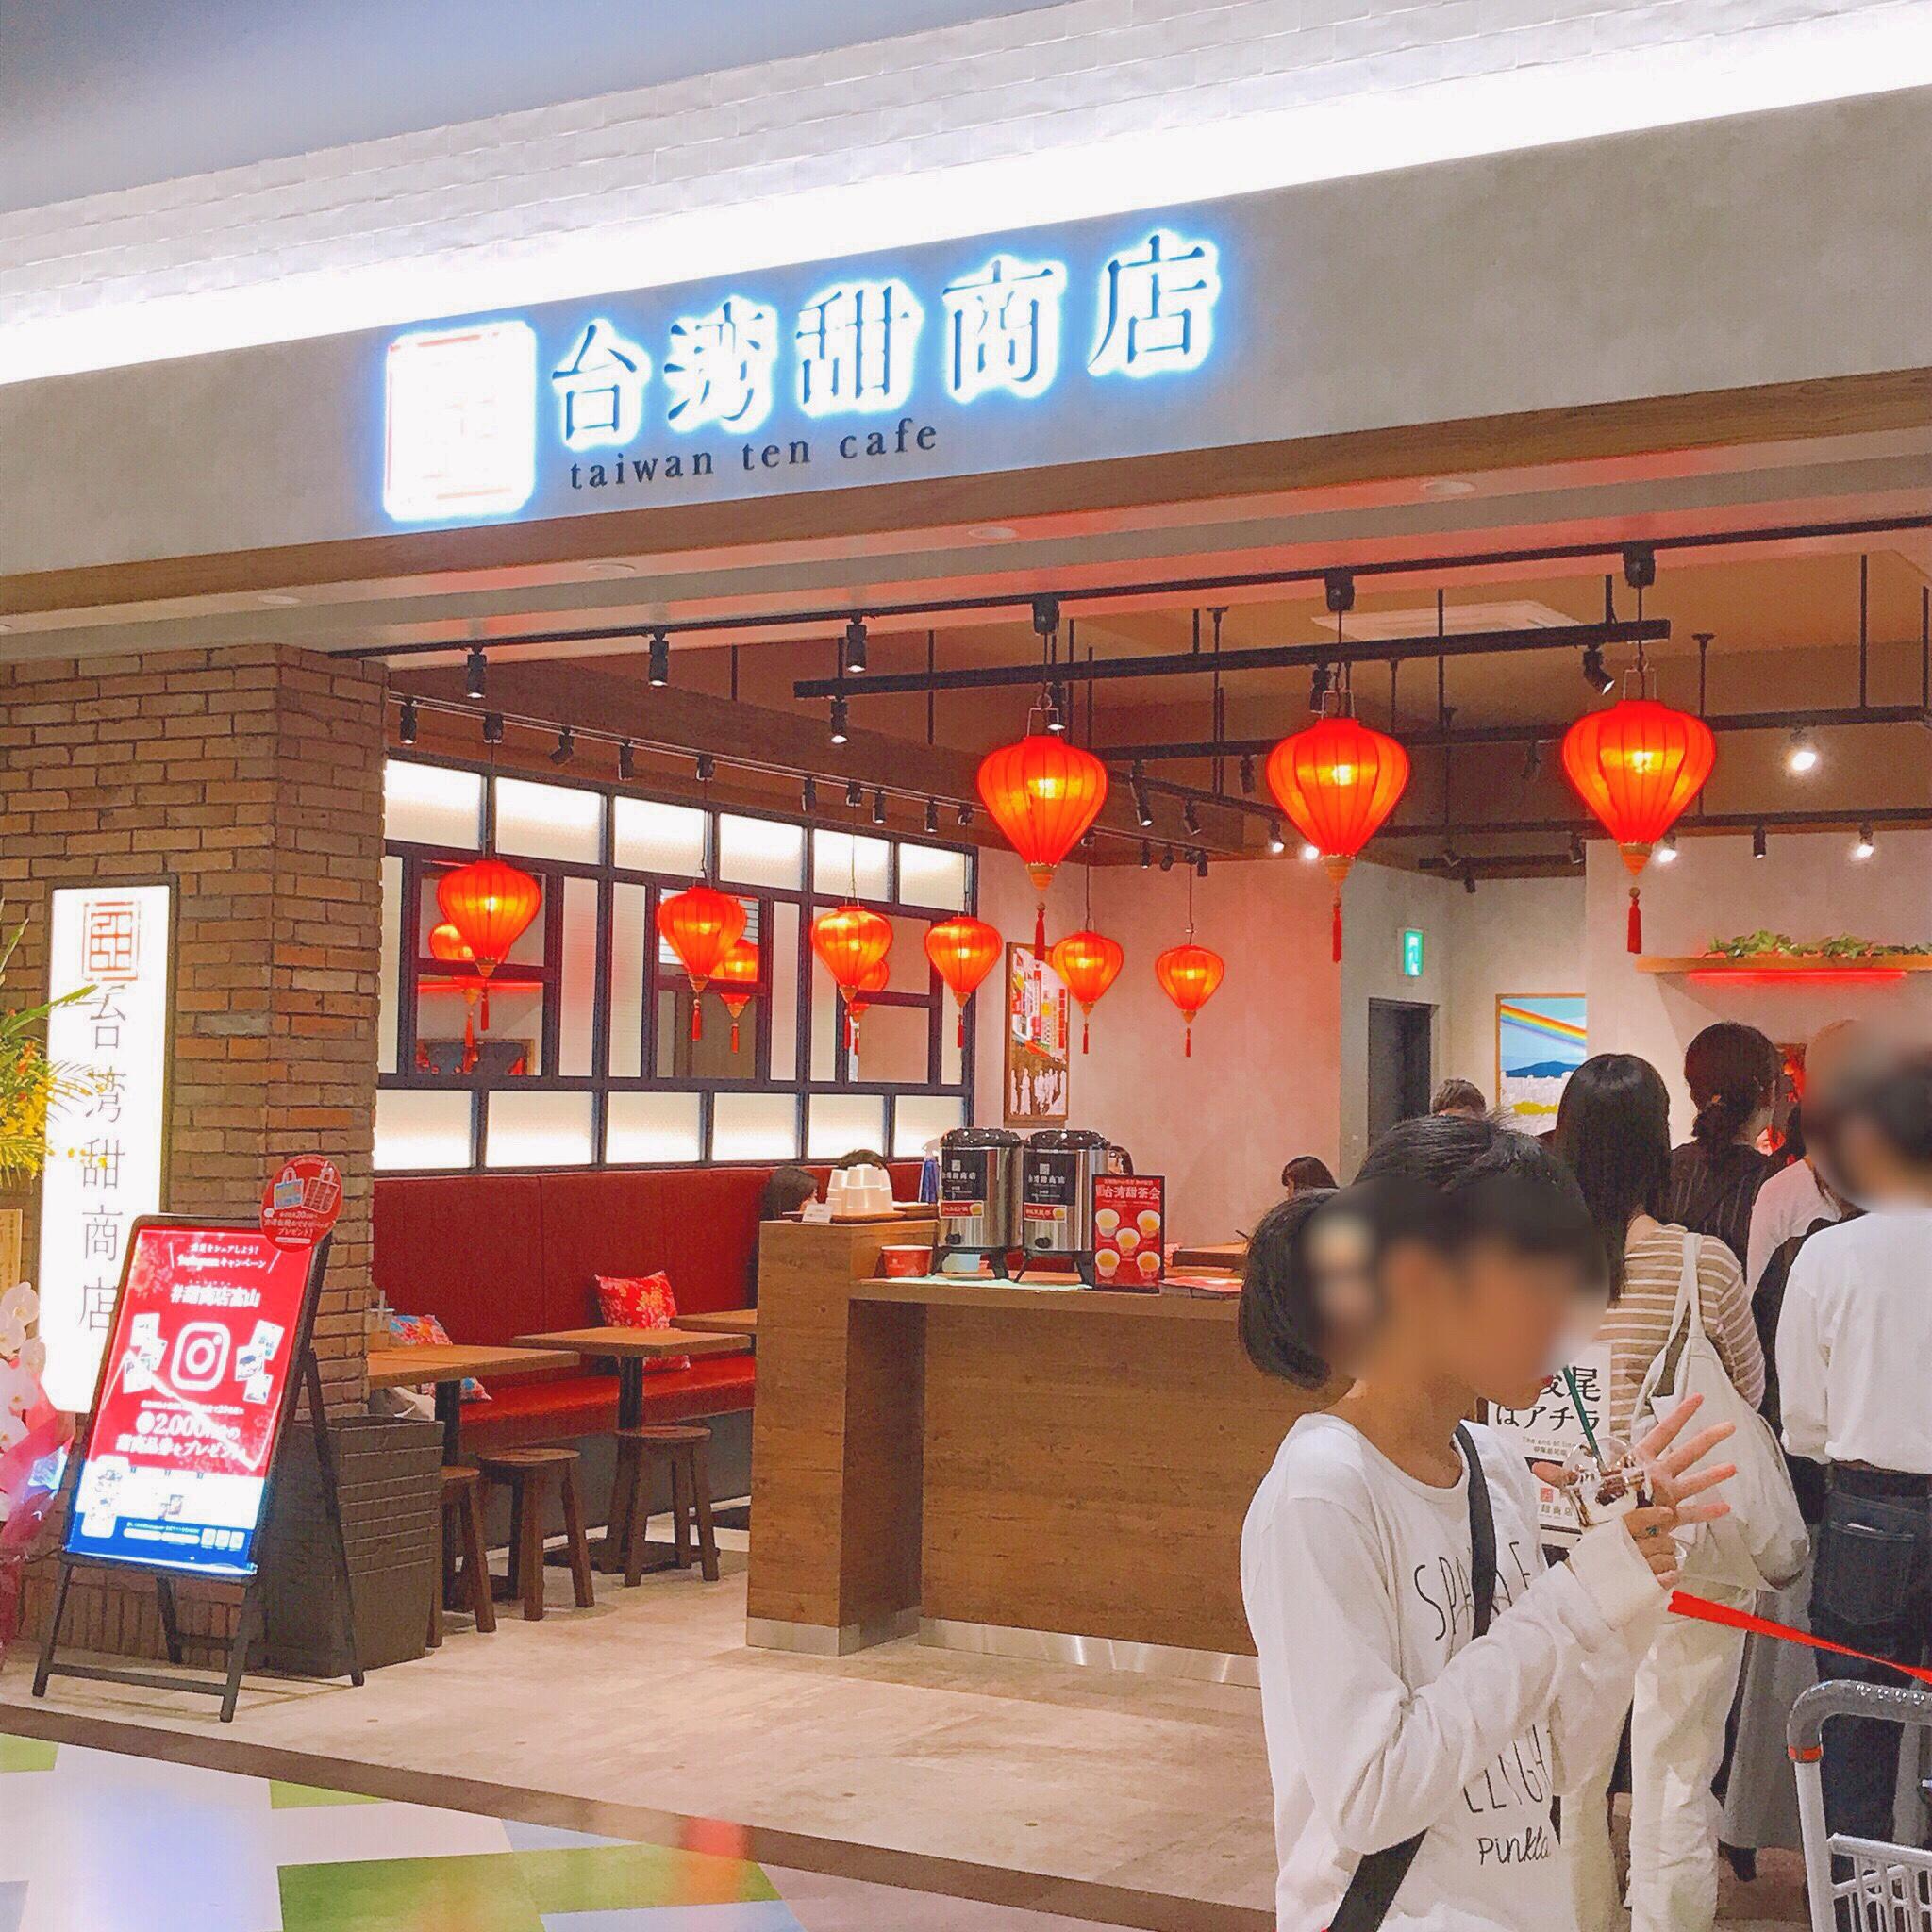 台湾甜商店外観